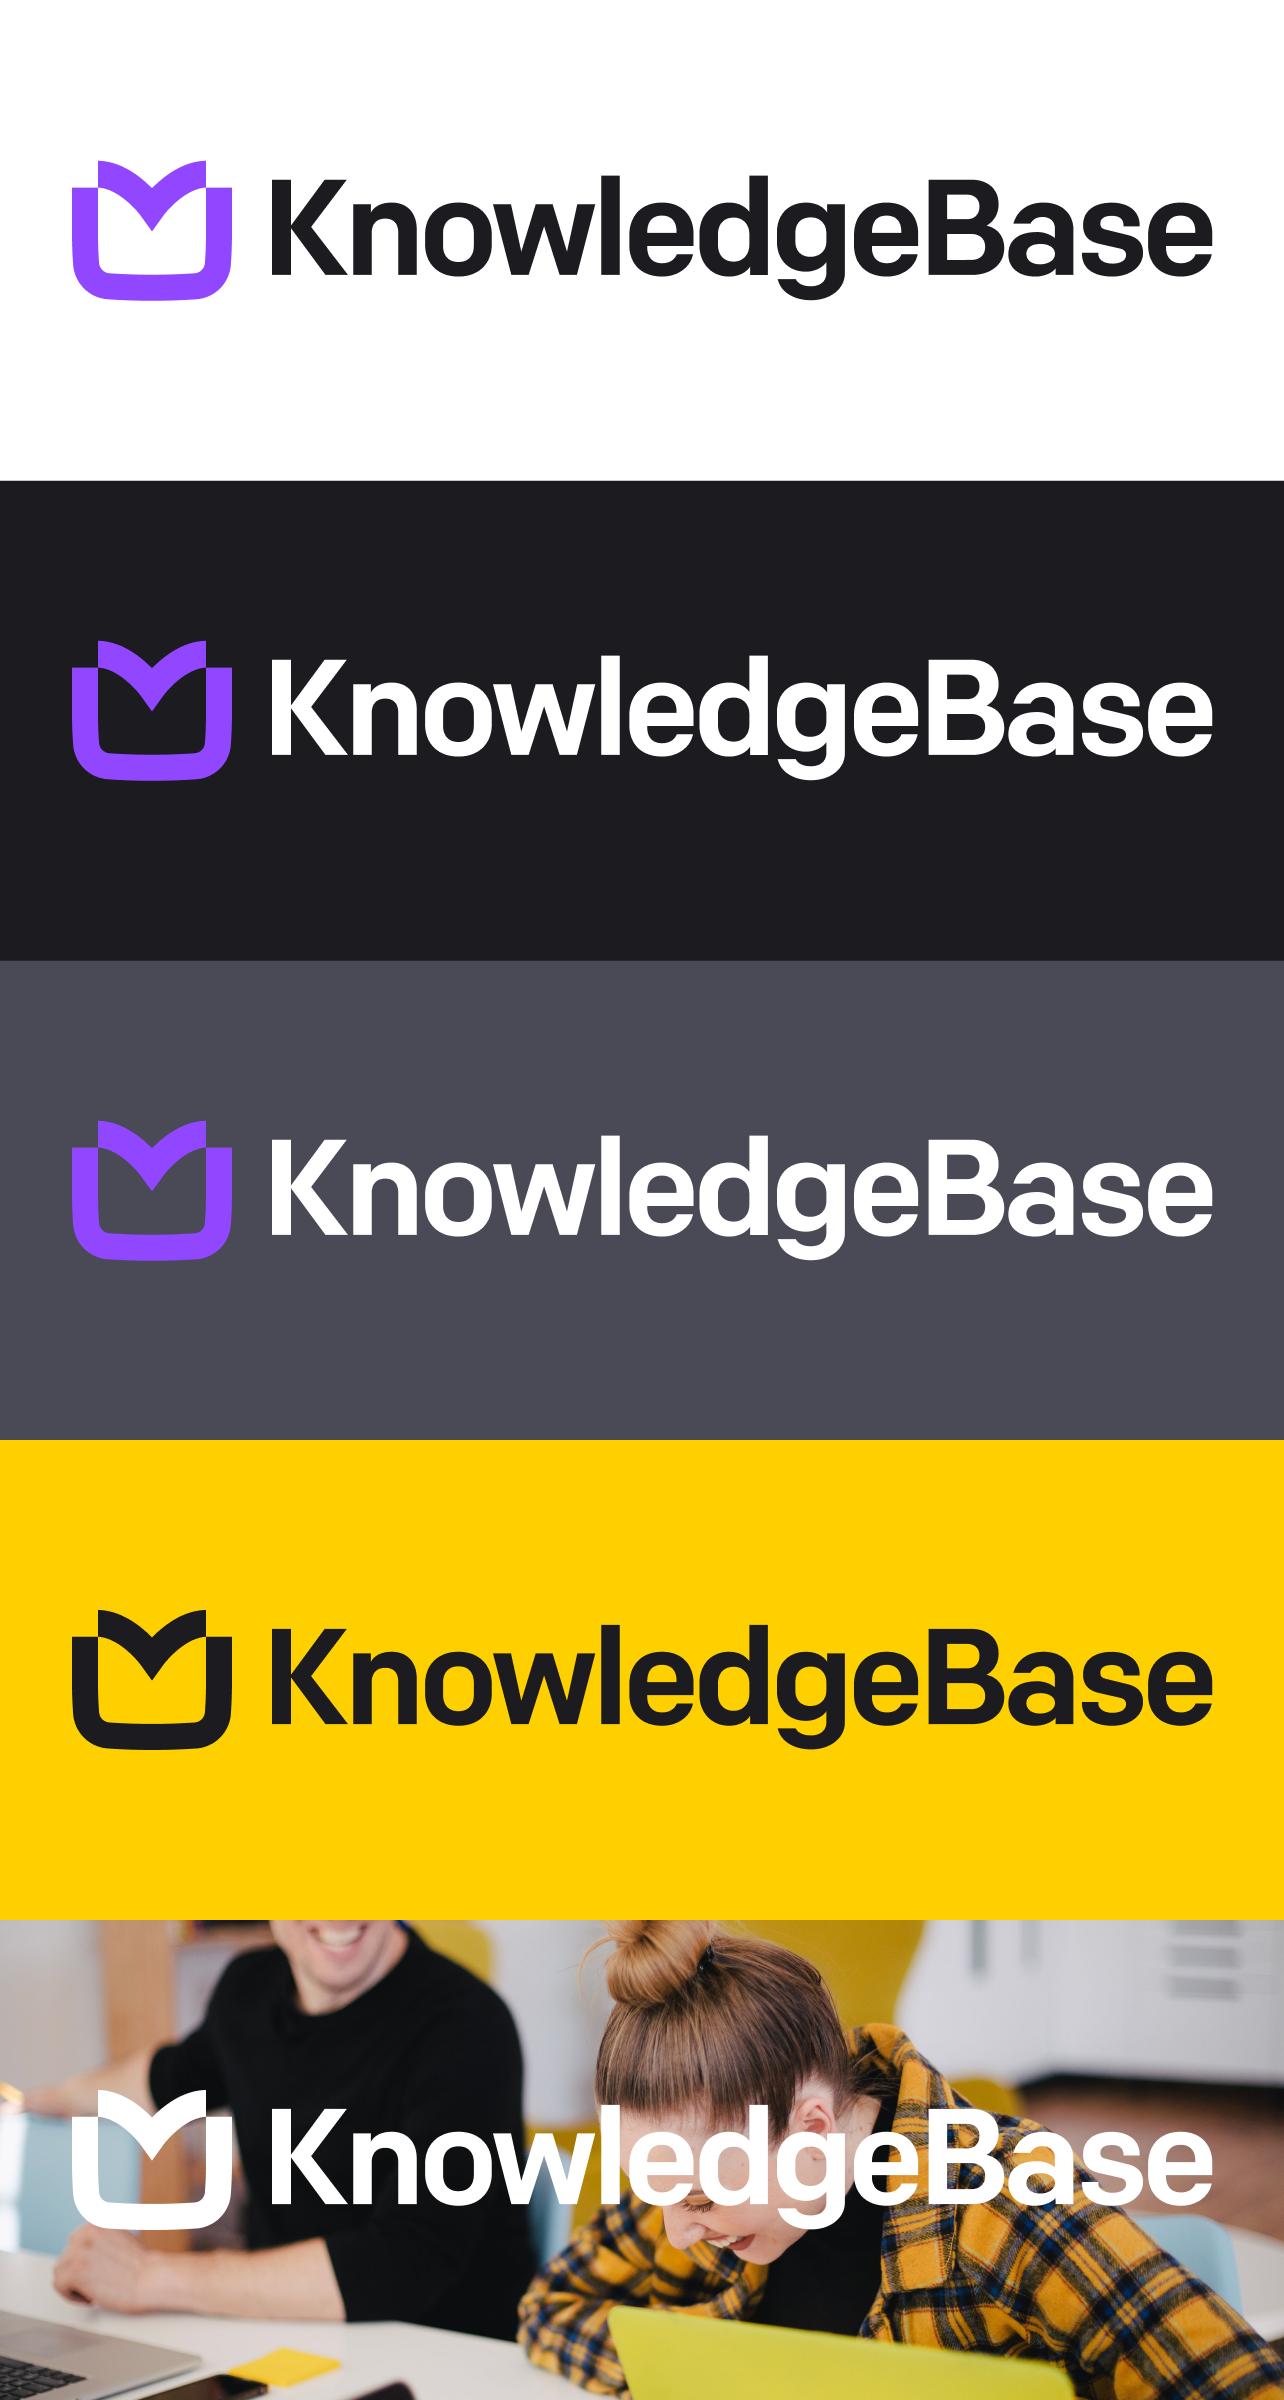 KnowledgeBase logo background usage